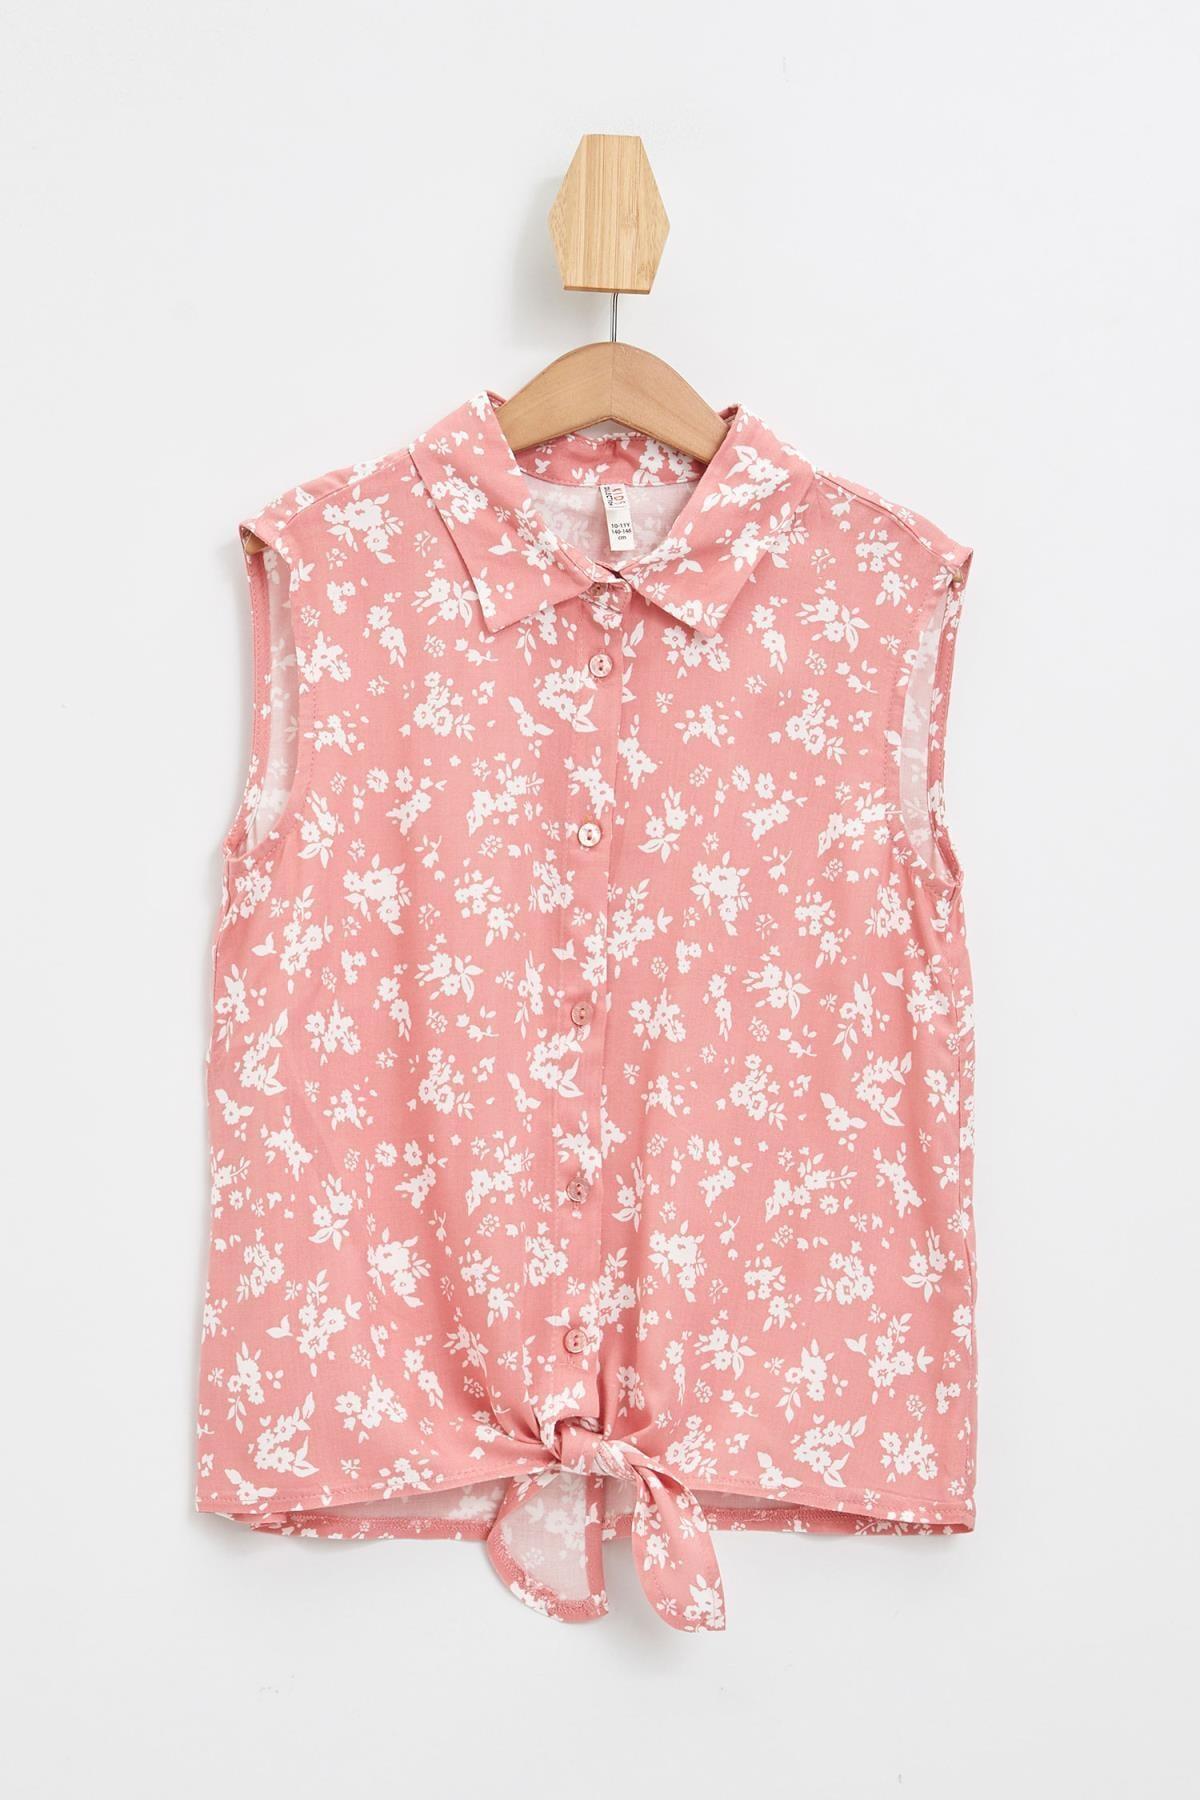 Defacto Kız Çocuk Çiçek Desenli Bağlama Detaylı Kolsuz Gömlek 0